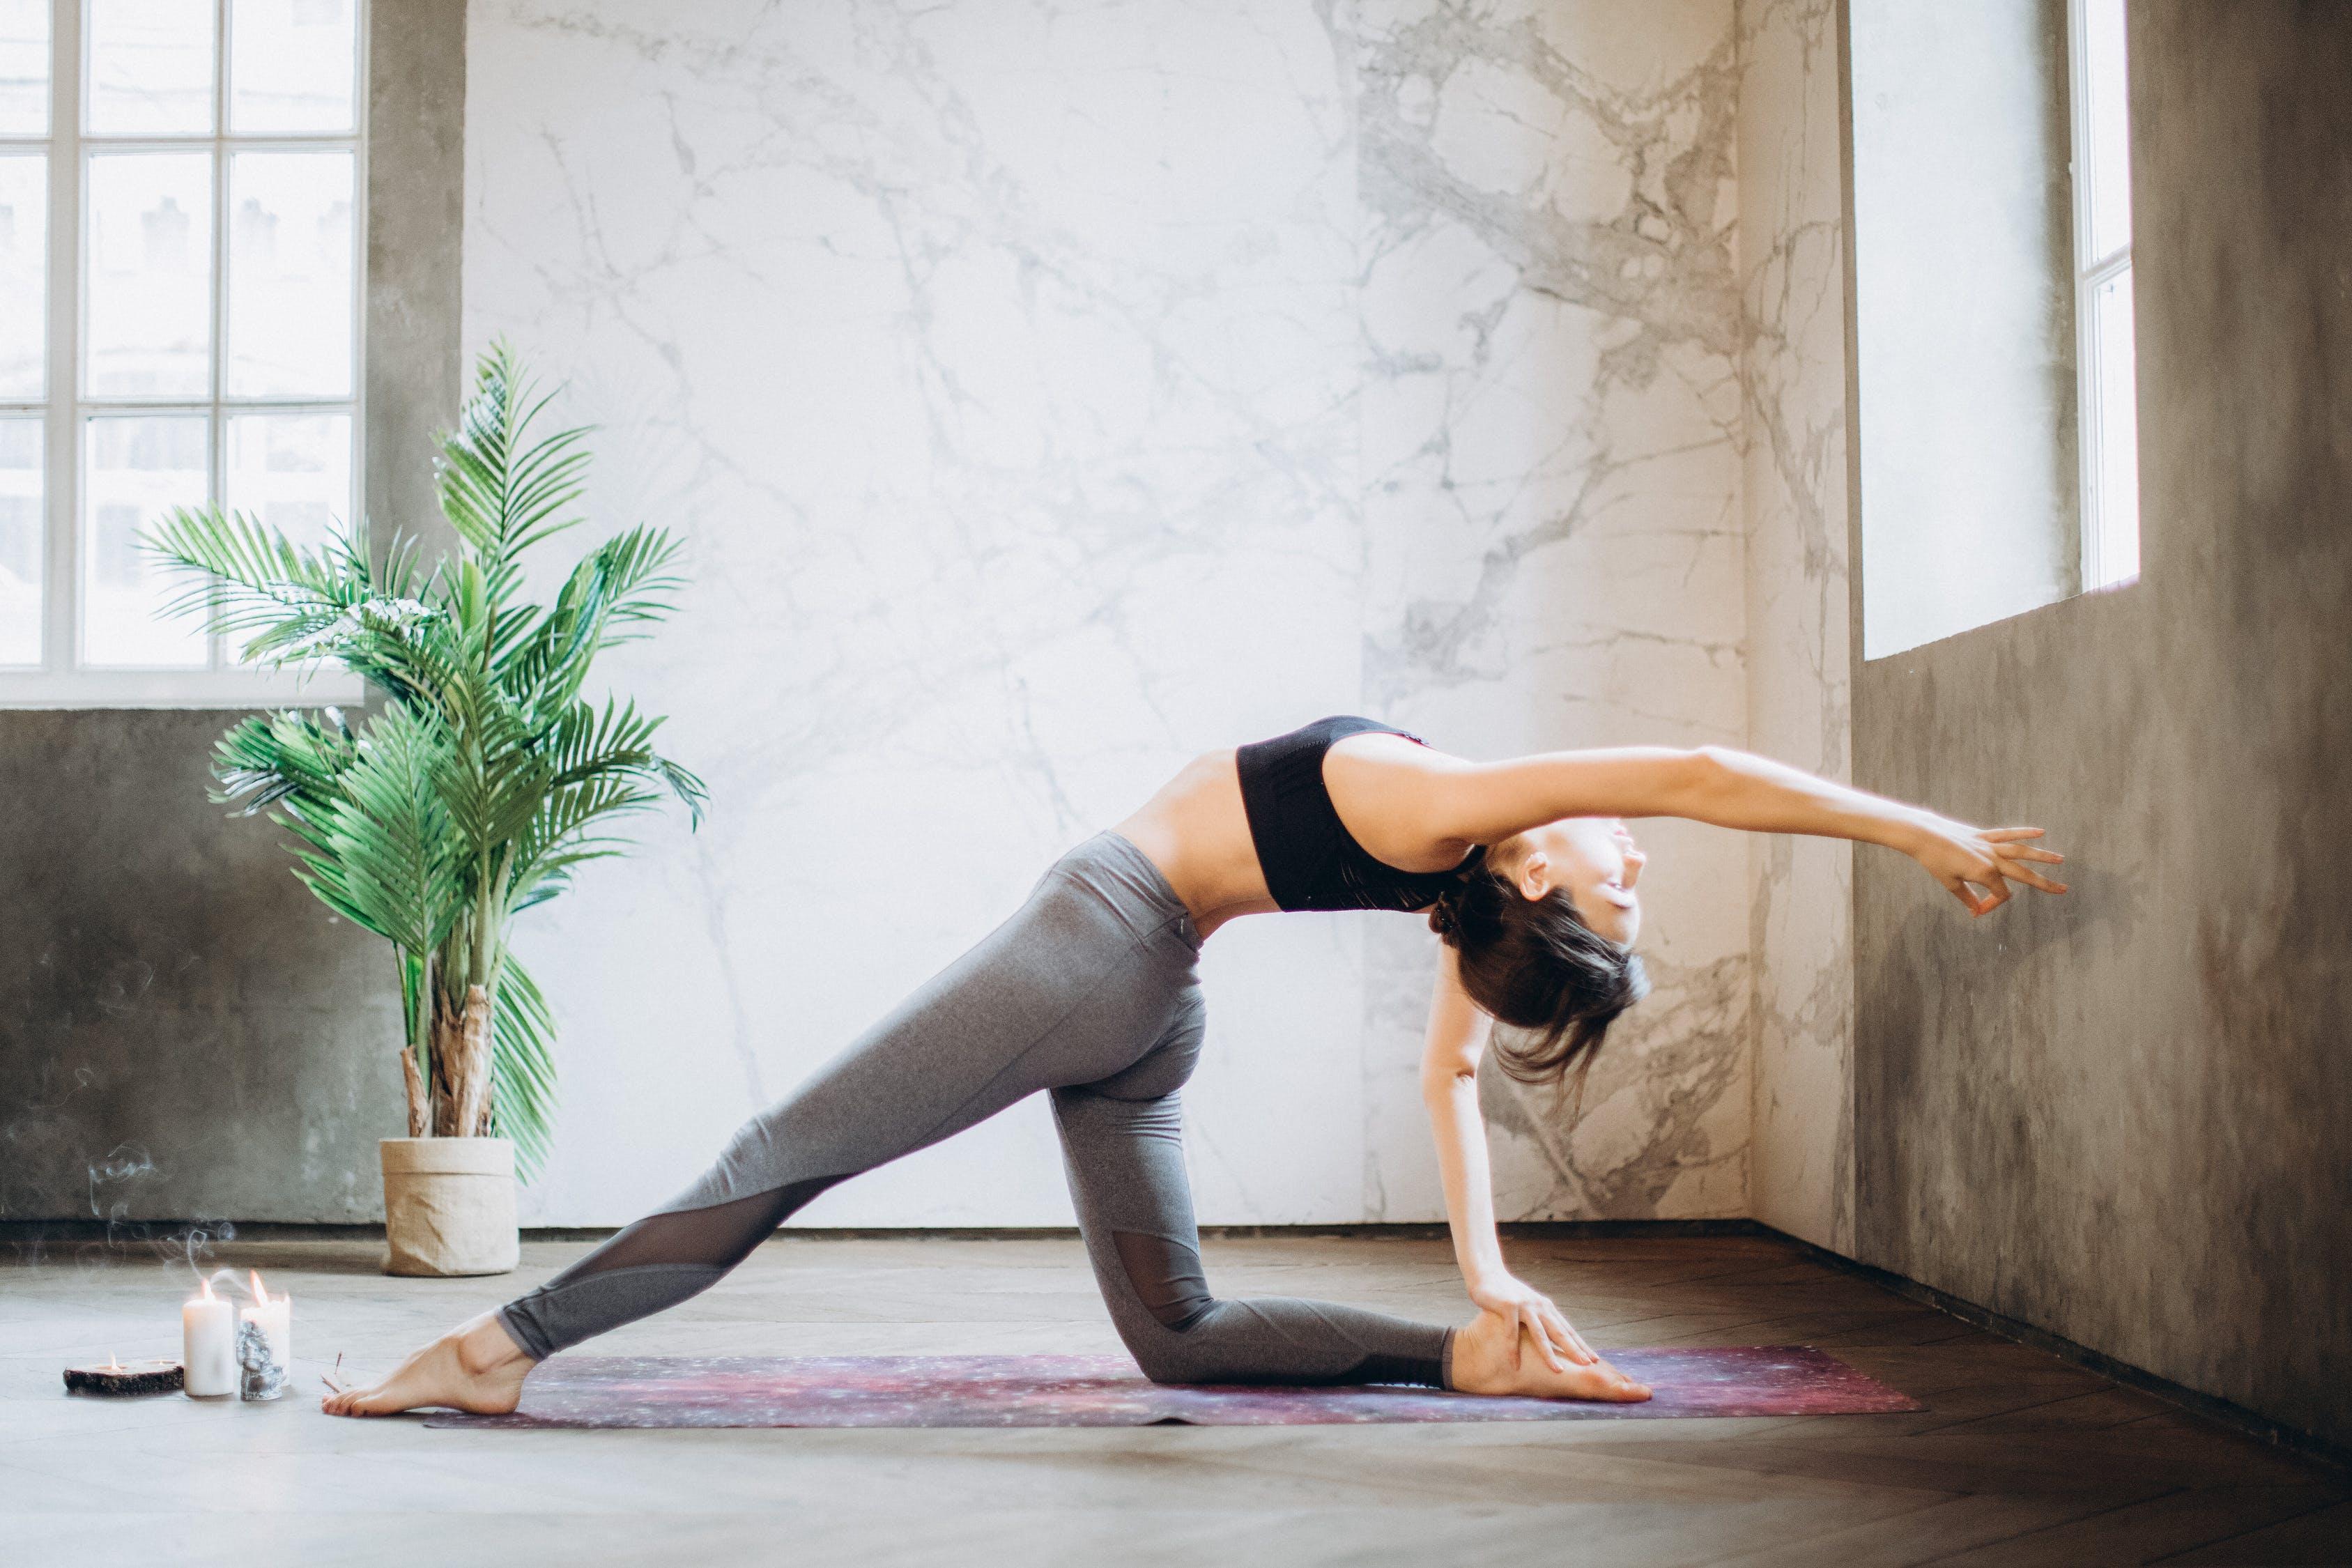 Agotamiento consejo hacer yoga